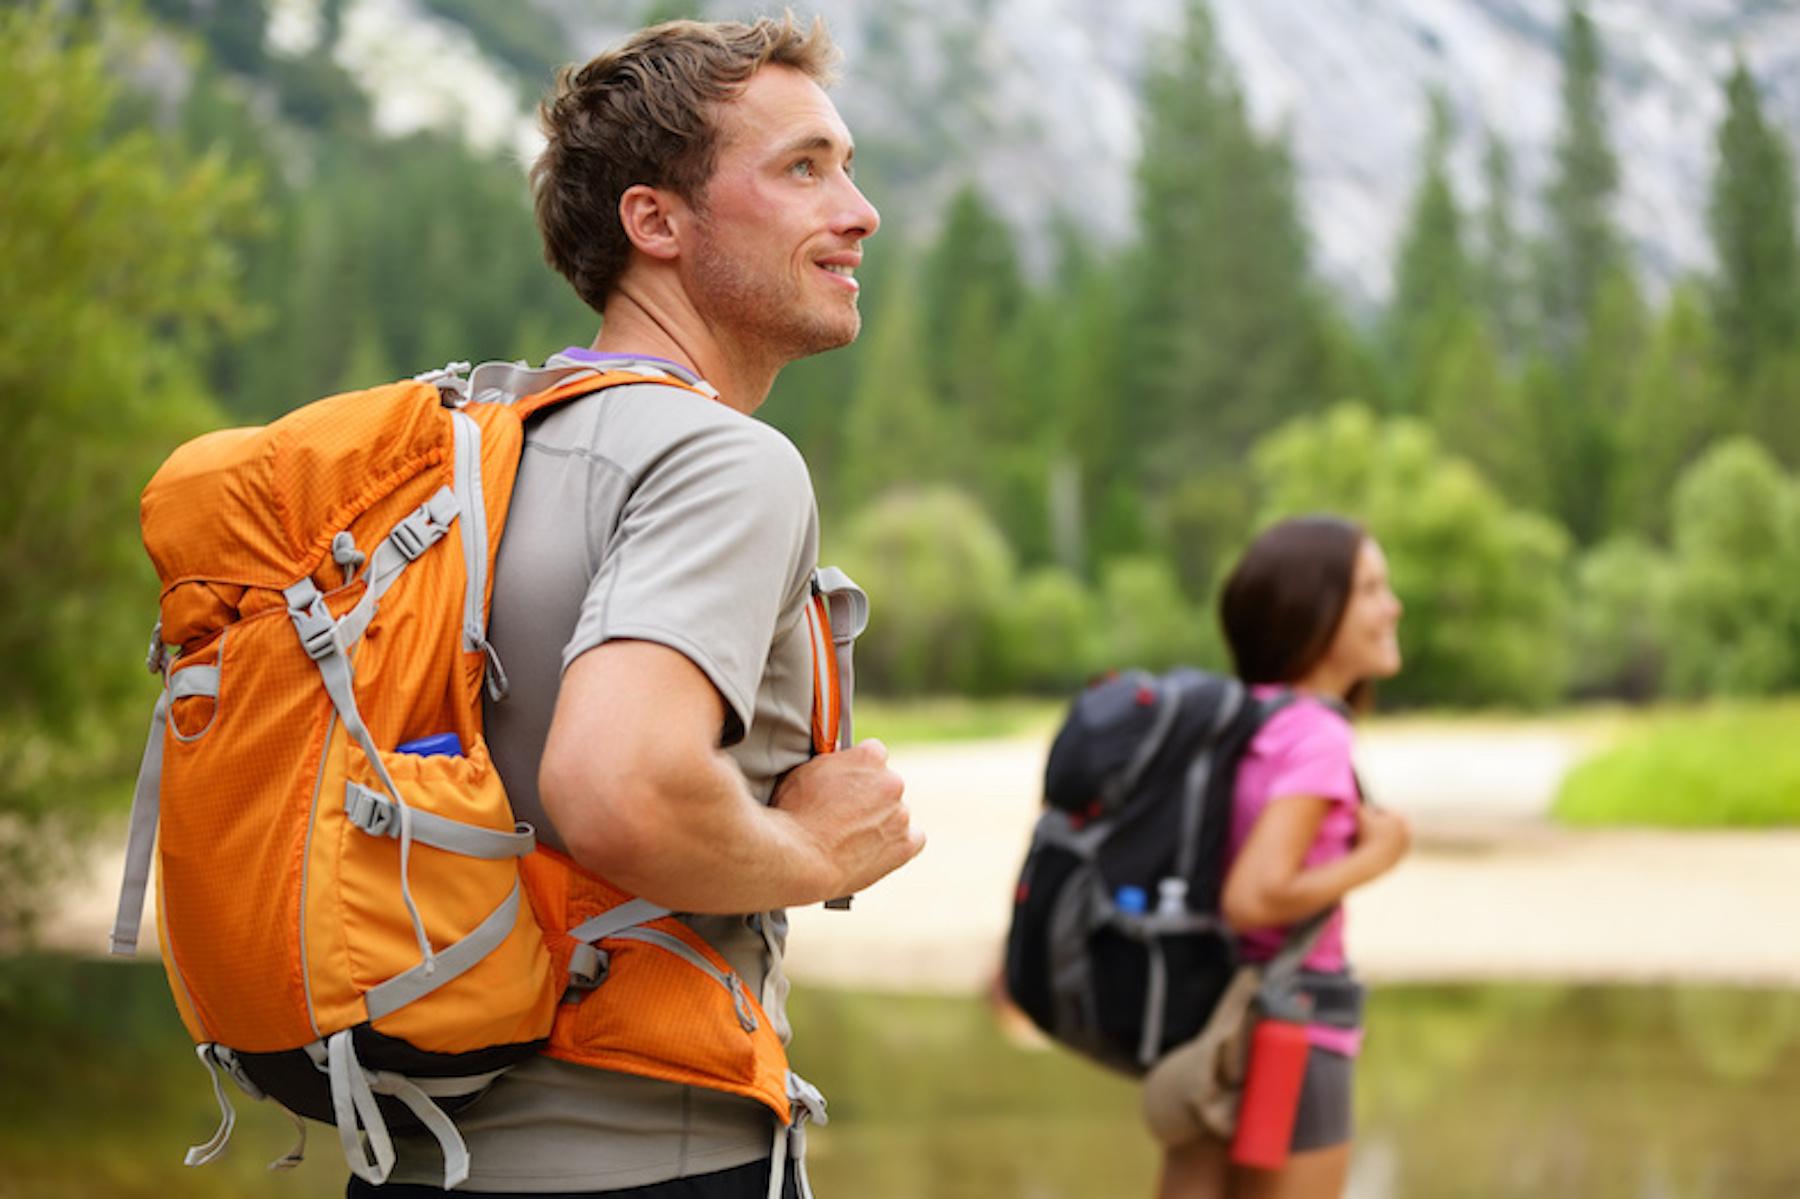 10 идеальных профессий для тех, кто хочет провести жизнь в путешествиях